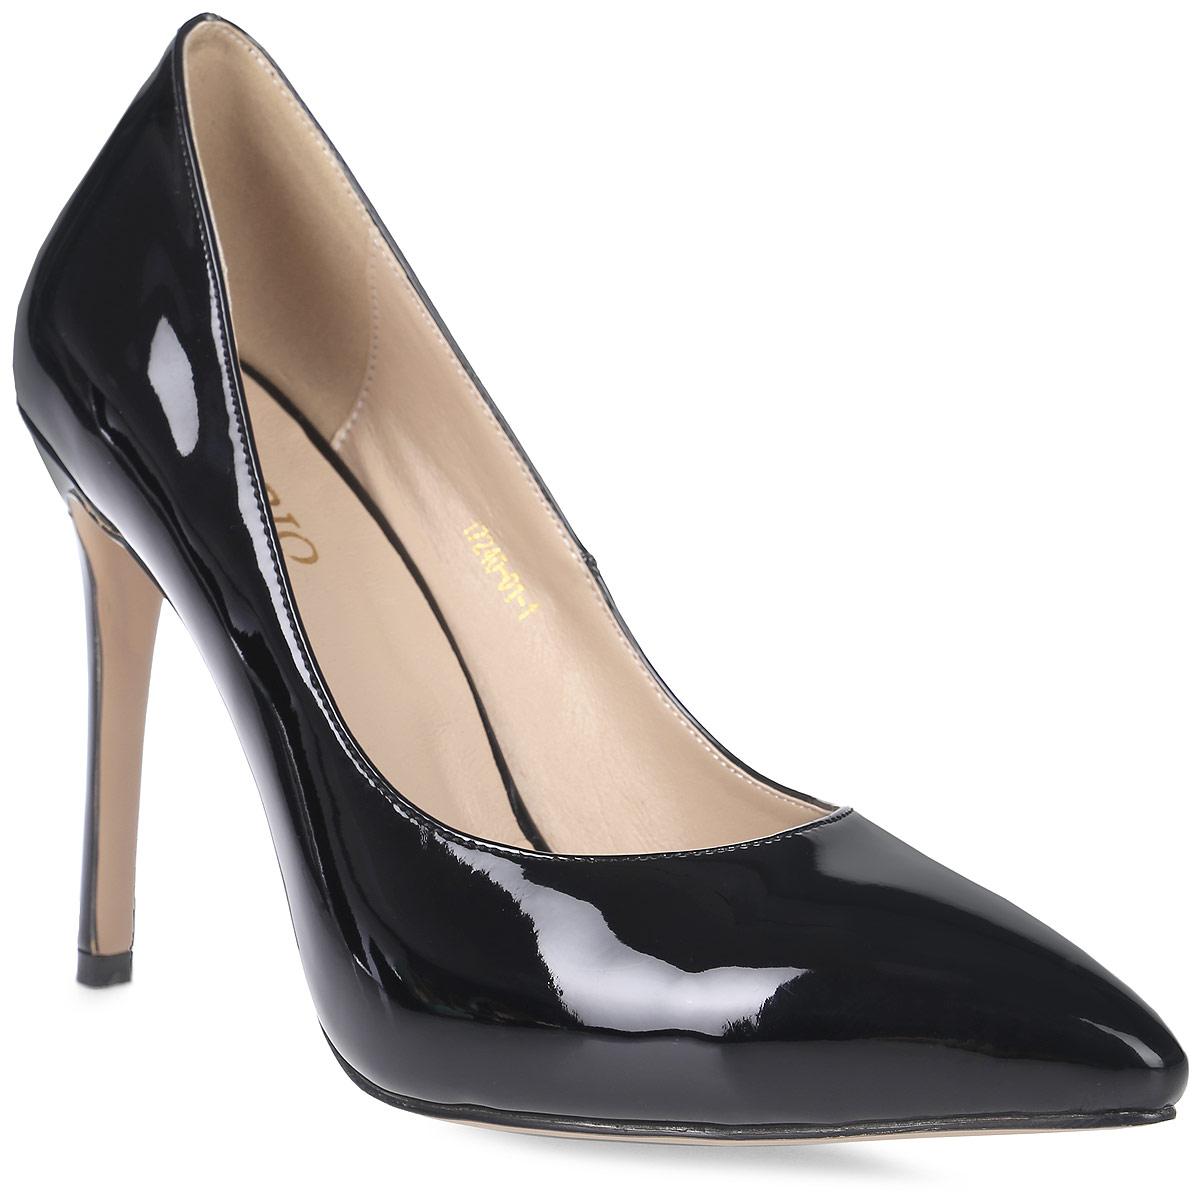 Туфли женские Inario, цвет: черный. 17240-01-1. Размер 3717240-01-1Туфли-лодочки Inario выполнены из искусственной лаковой кожи. Внутренняя поверхность и стелька из искусственной кожи обеспечат комфорт при движении. Подошва выполнена из полимера. Модель имеет острый мысок и высокий каблук-шпильку.